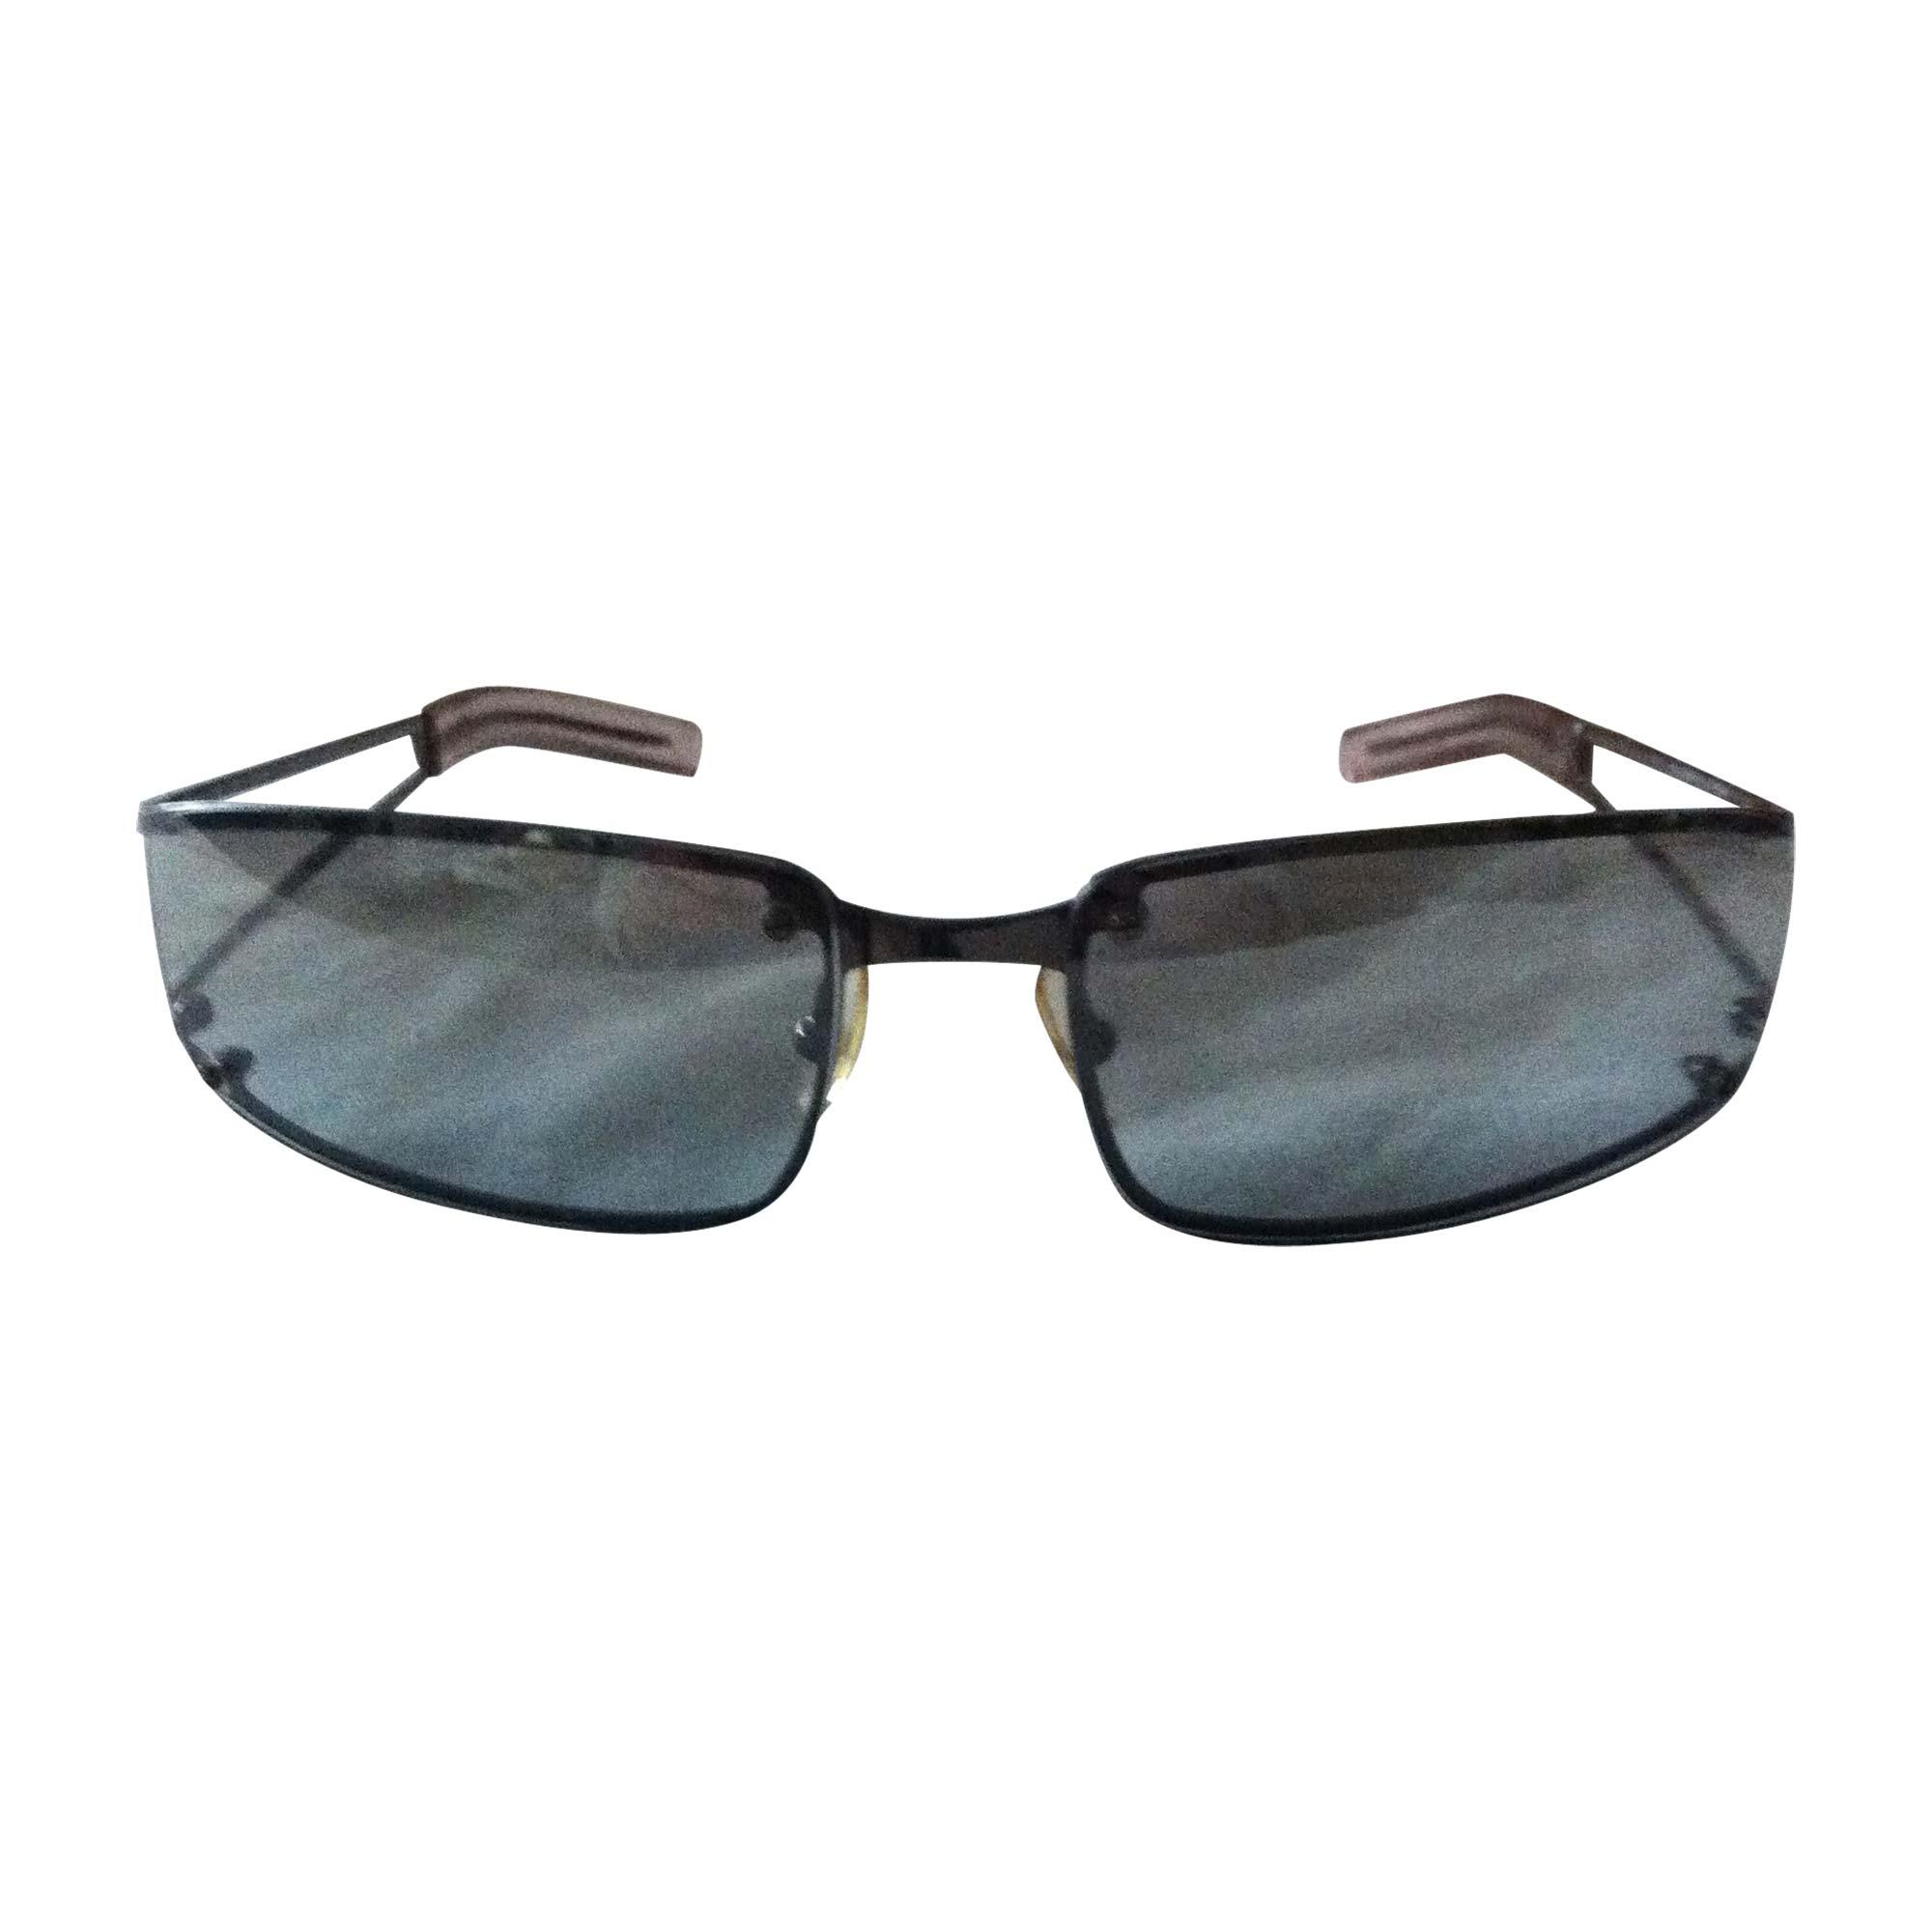 Monture de lunettes RALPH LAUREN argenté - 5579816 82d0478fb8f8